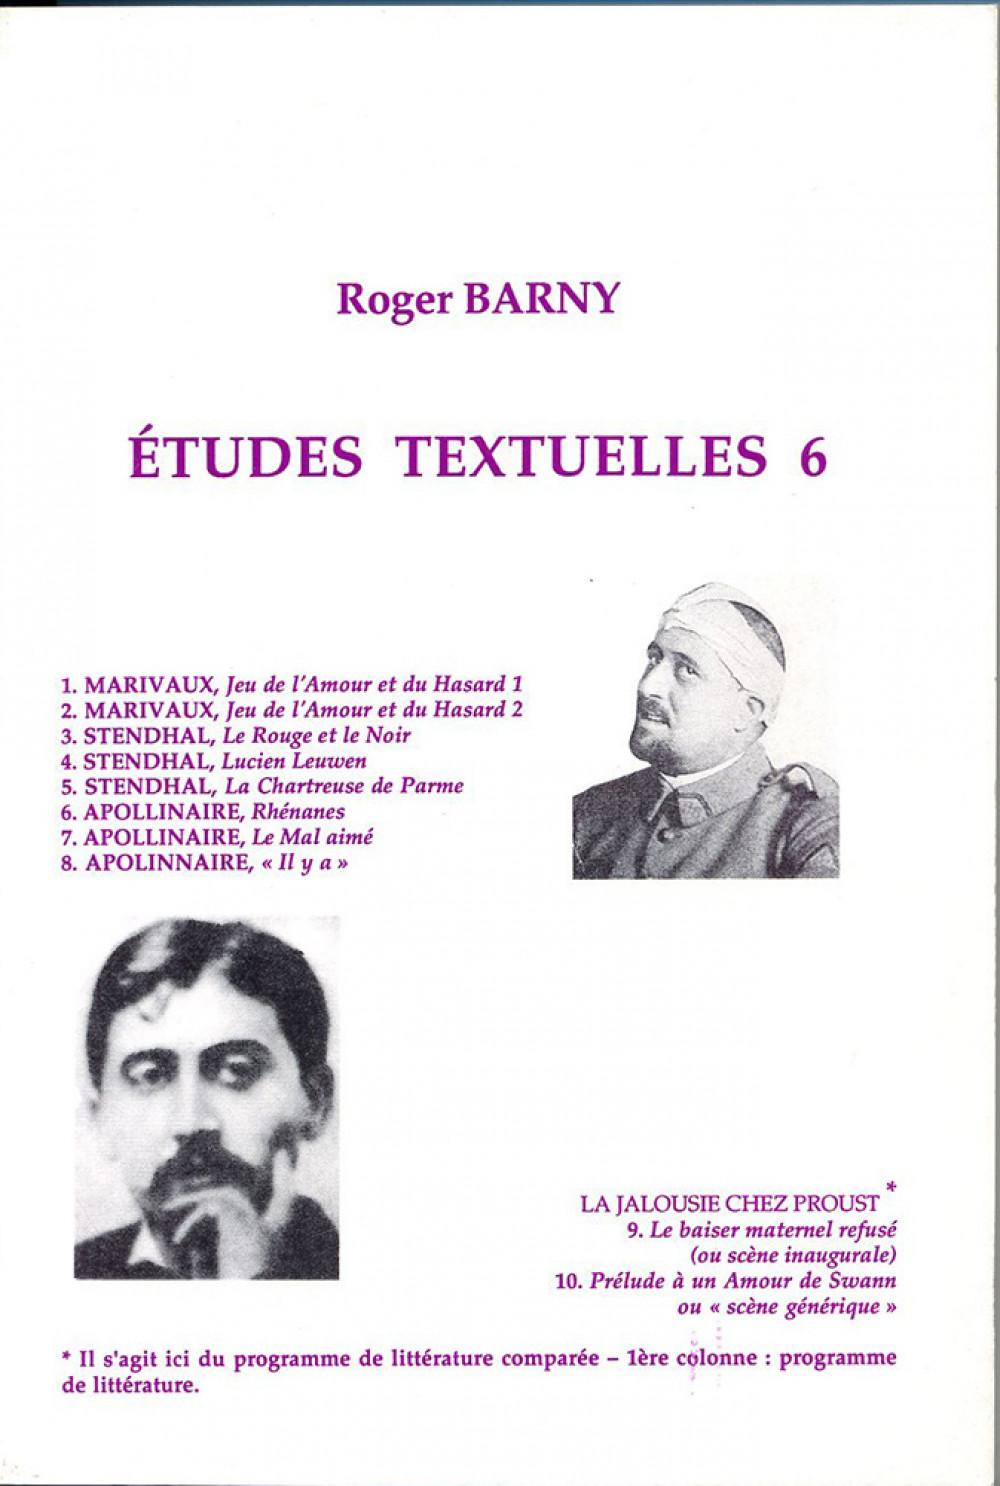 Etudes textuelles 6